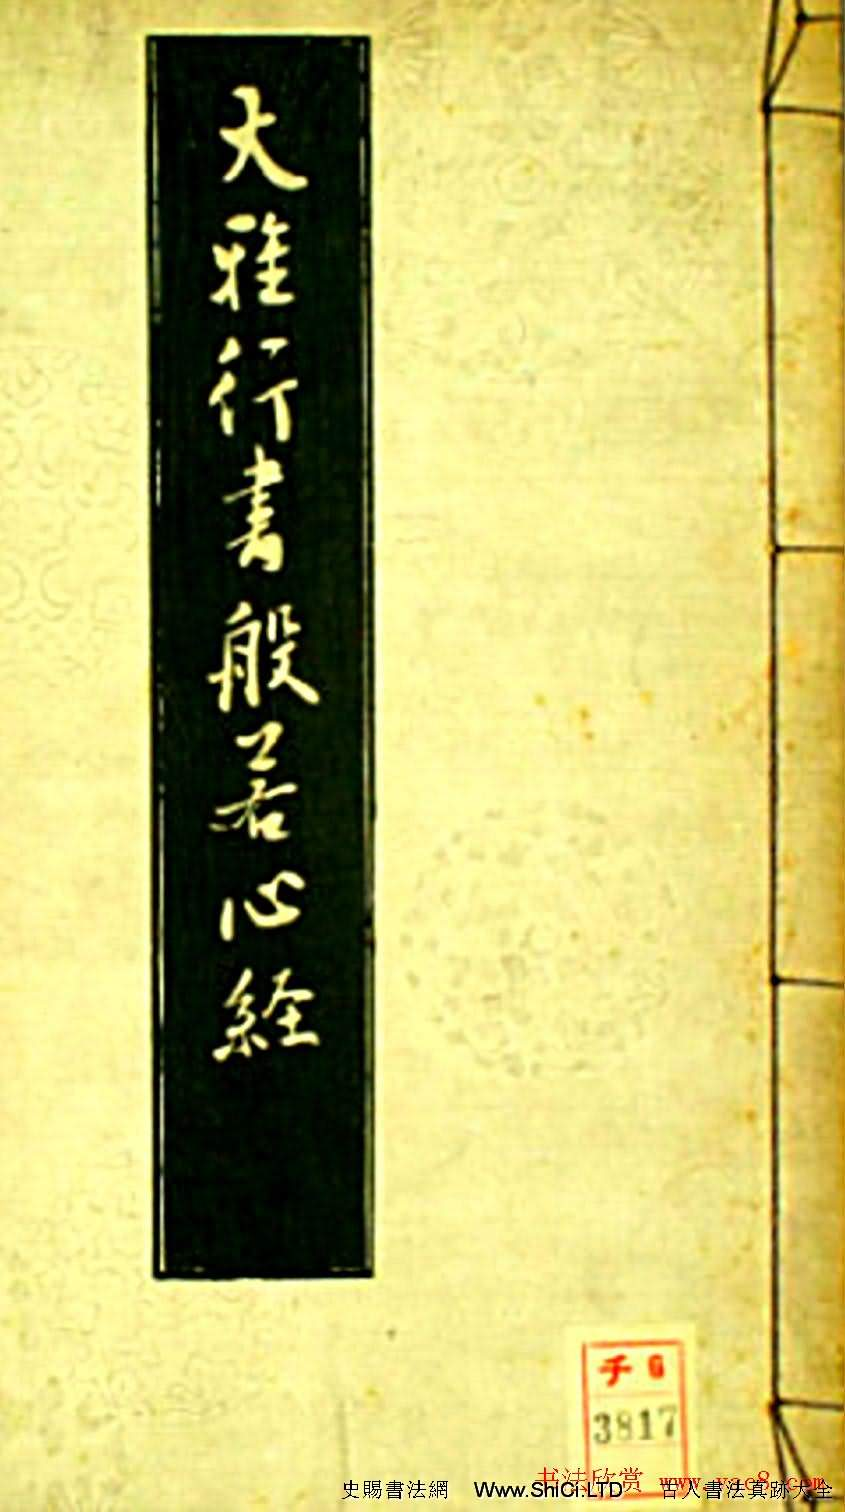 池無名書法字帖《大雅行書般若心經》(共19張圖片)